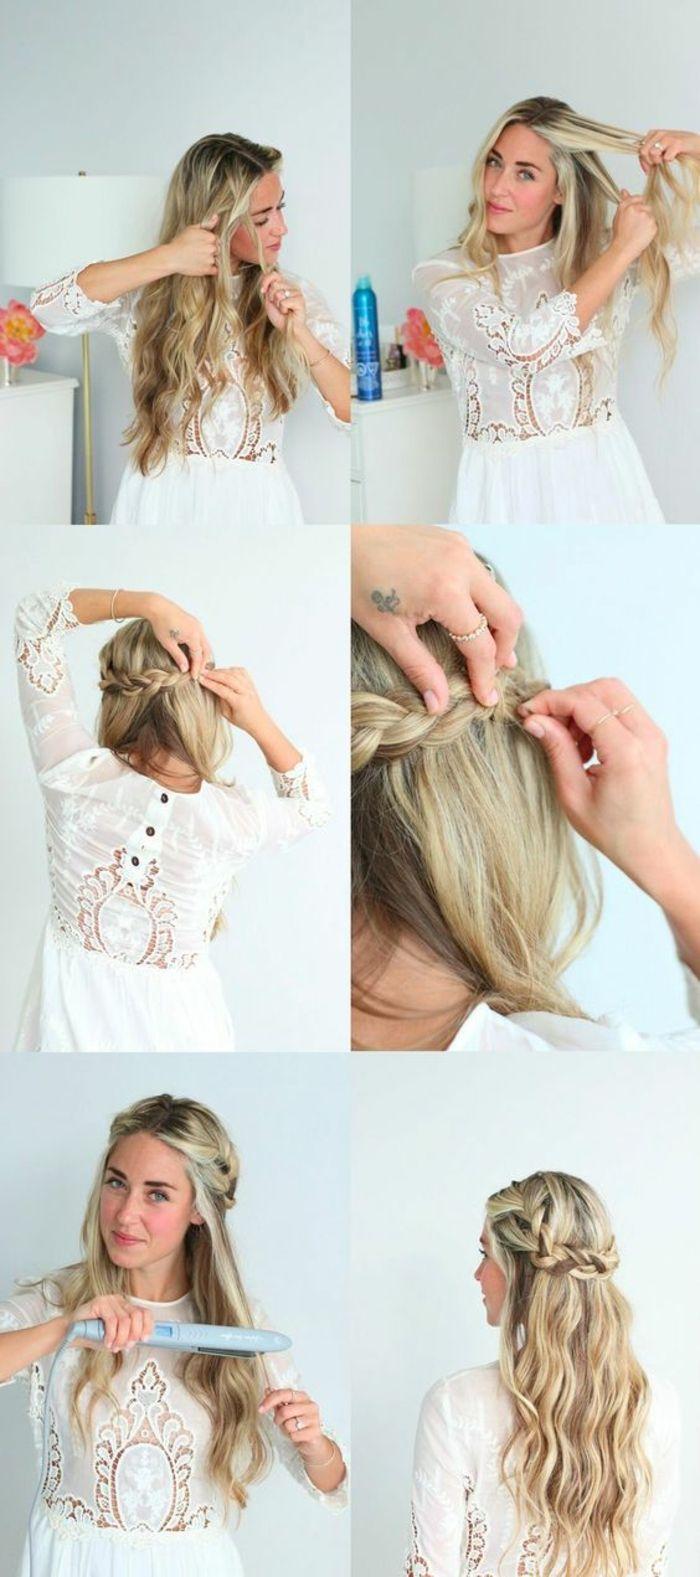 Weisses Kleid Mit Spitze Lange Lockige Blonde Haare Flechtfrisur Flechtfrisuren Geflochtene Frisuren Brautjungfern Frisuren